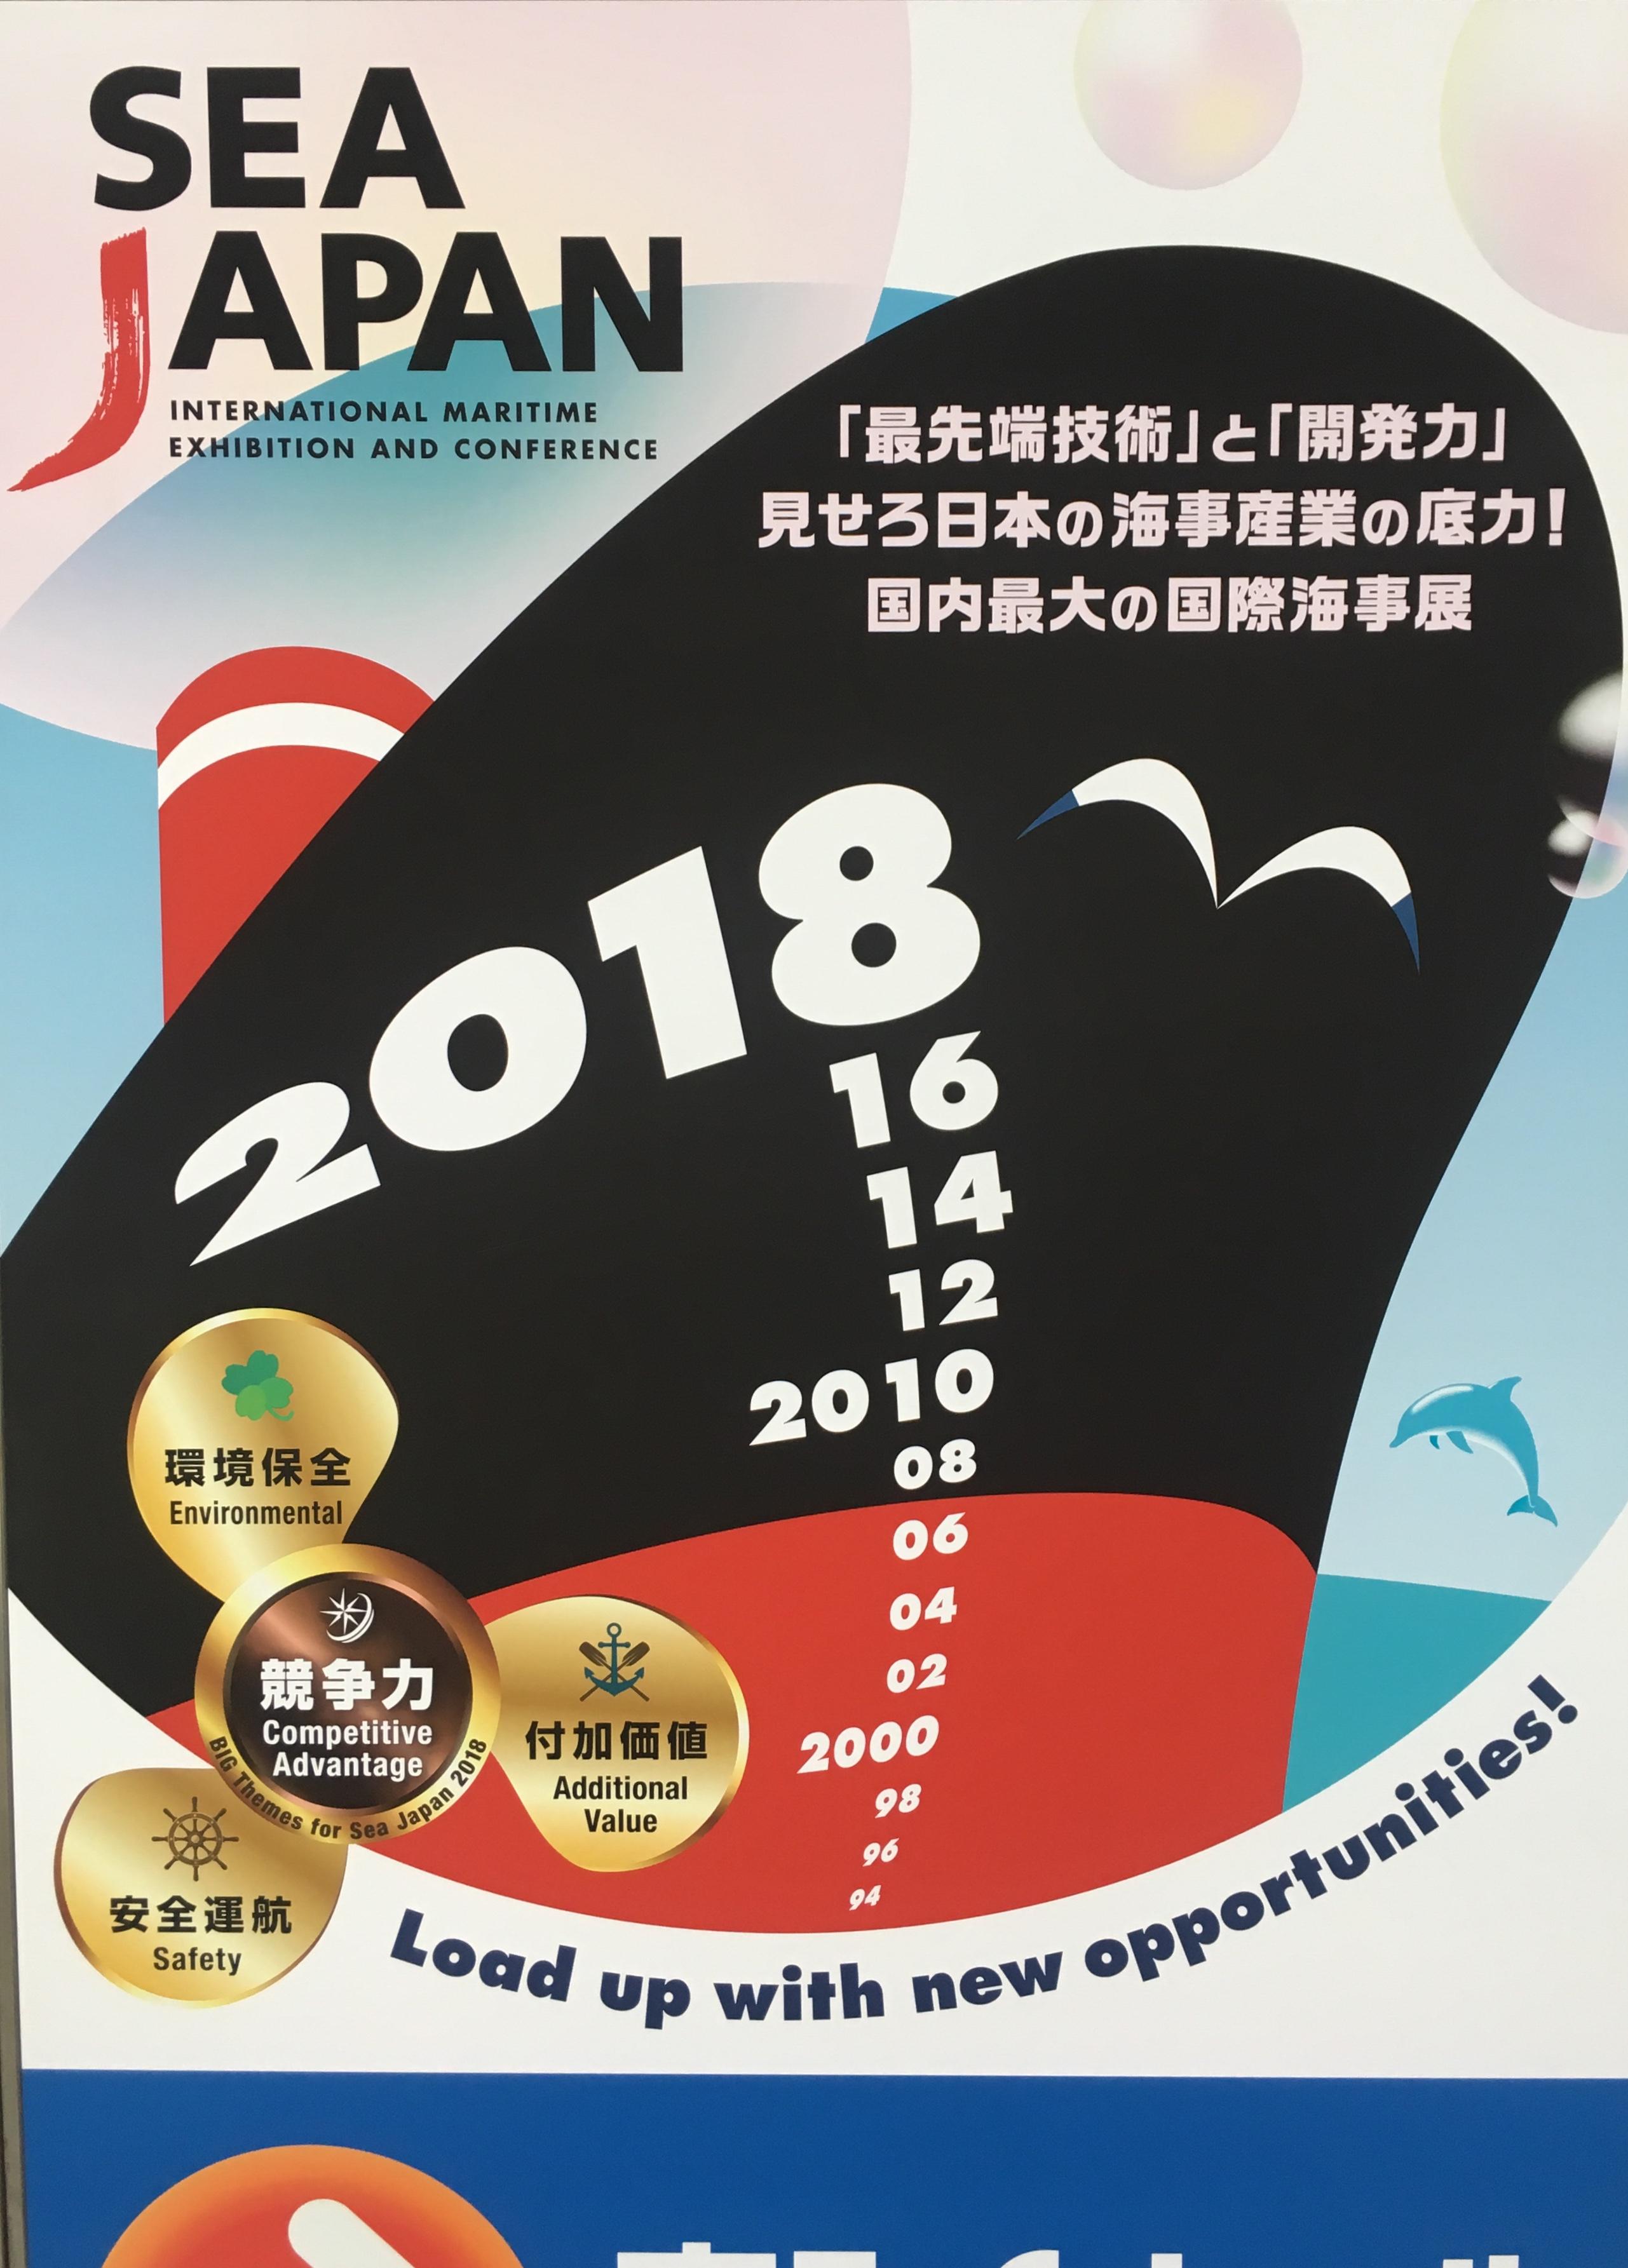 常石商事が国内最大の国際海事展「Sea Japan 2018」に出展しました